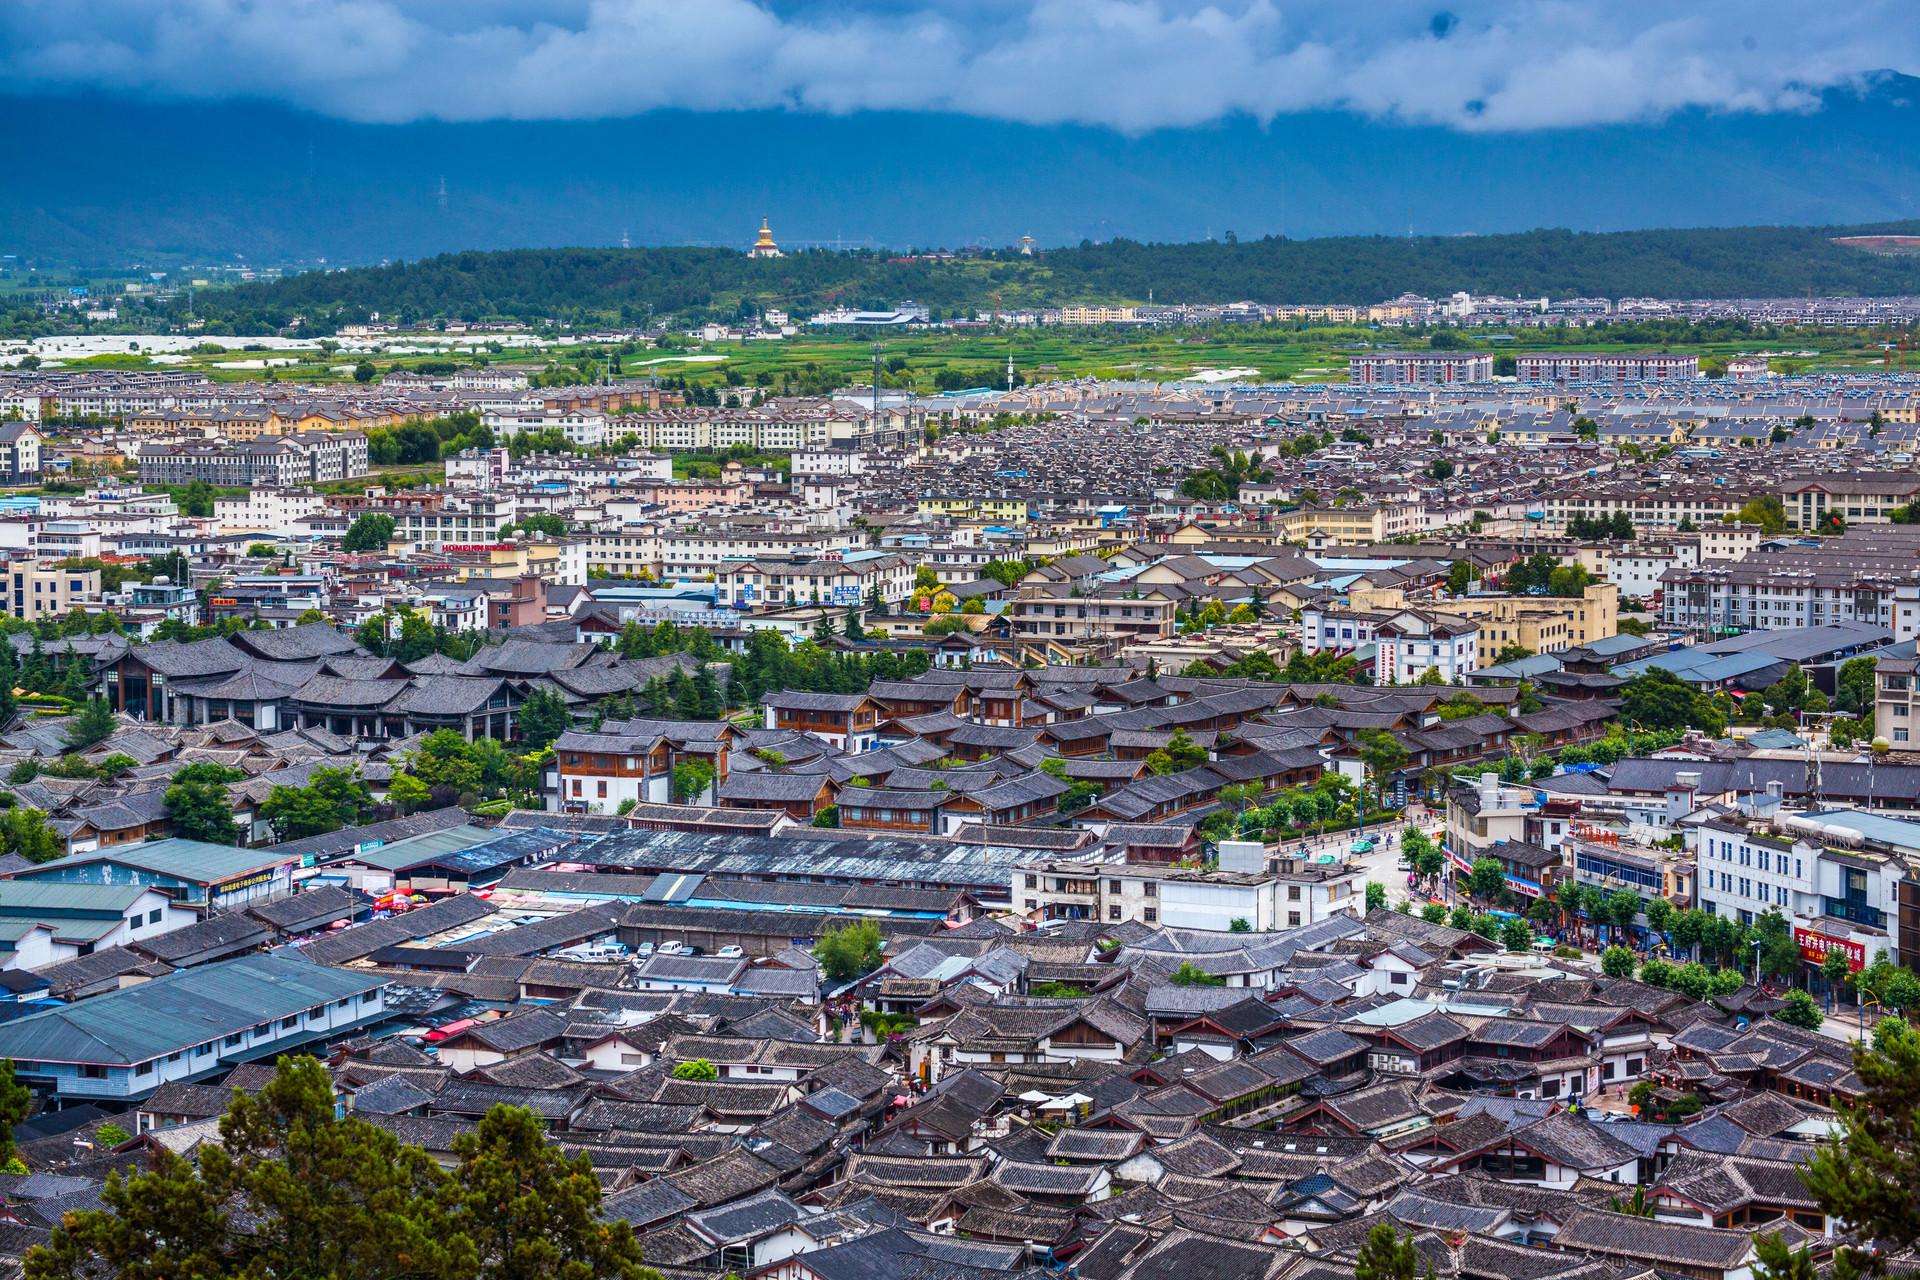 云南的世界遗产,这座古城已有700多年,没有城墙